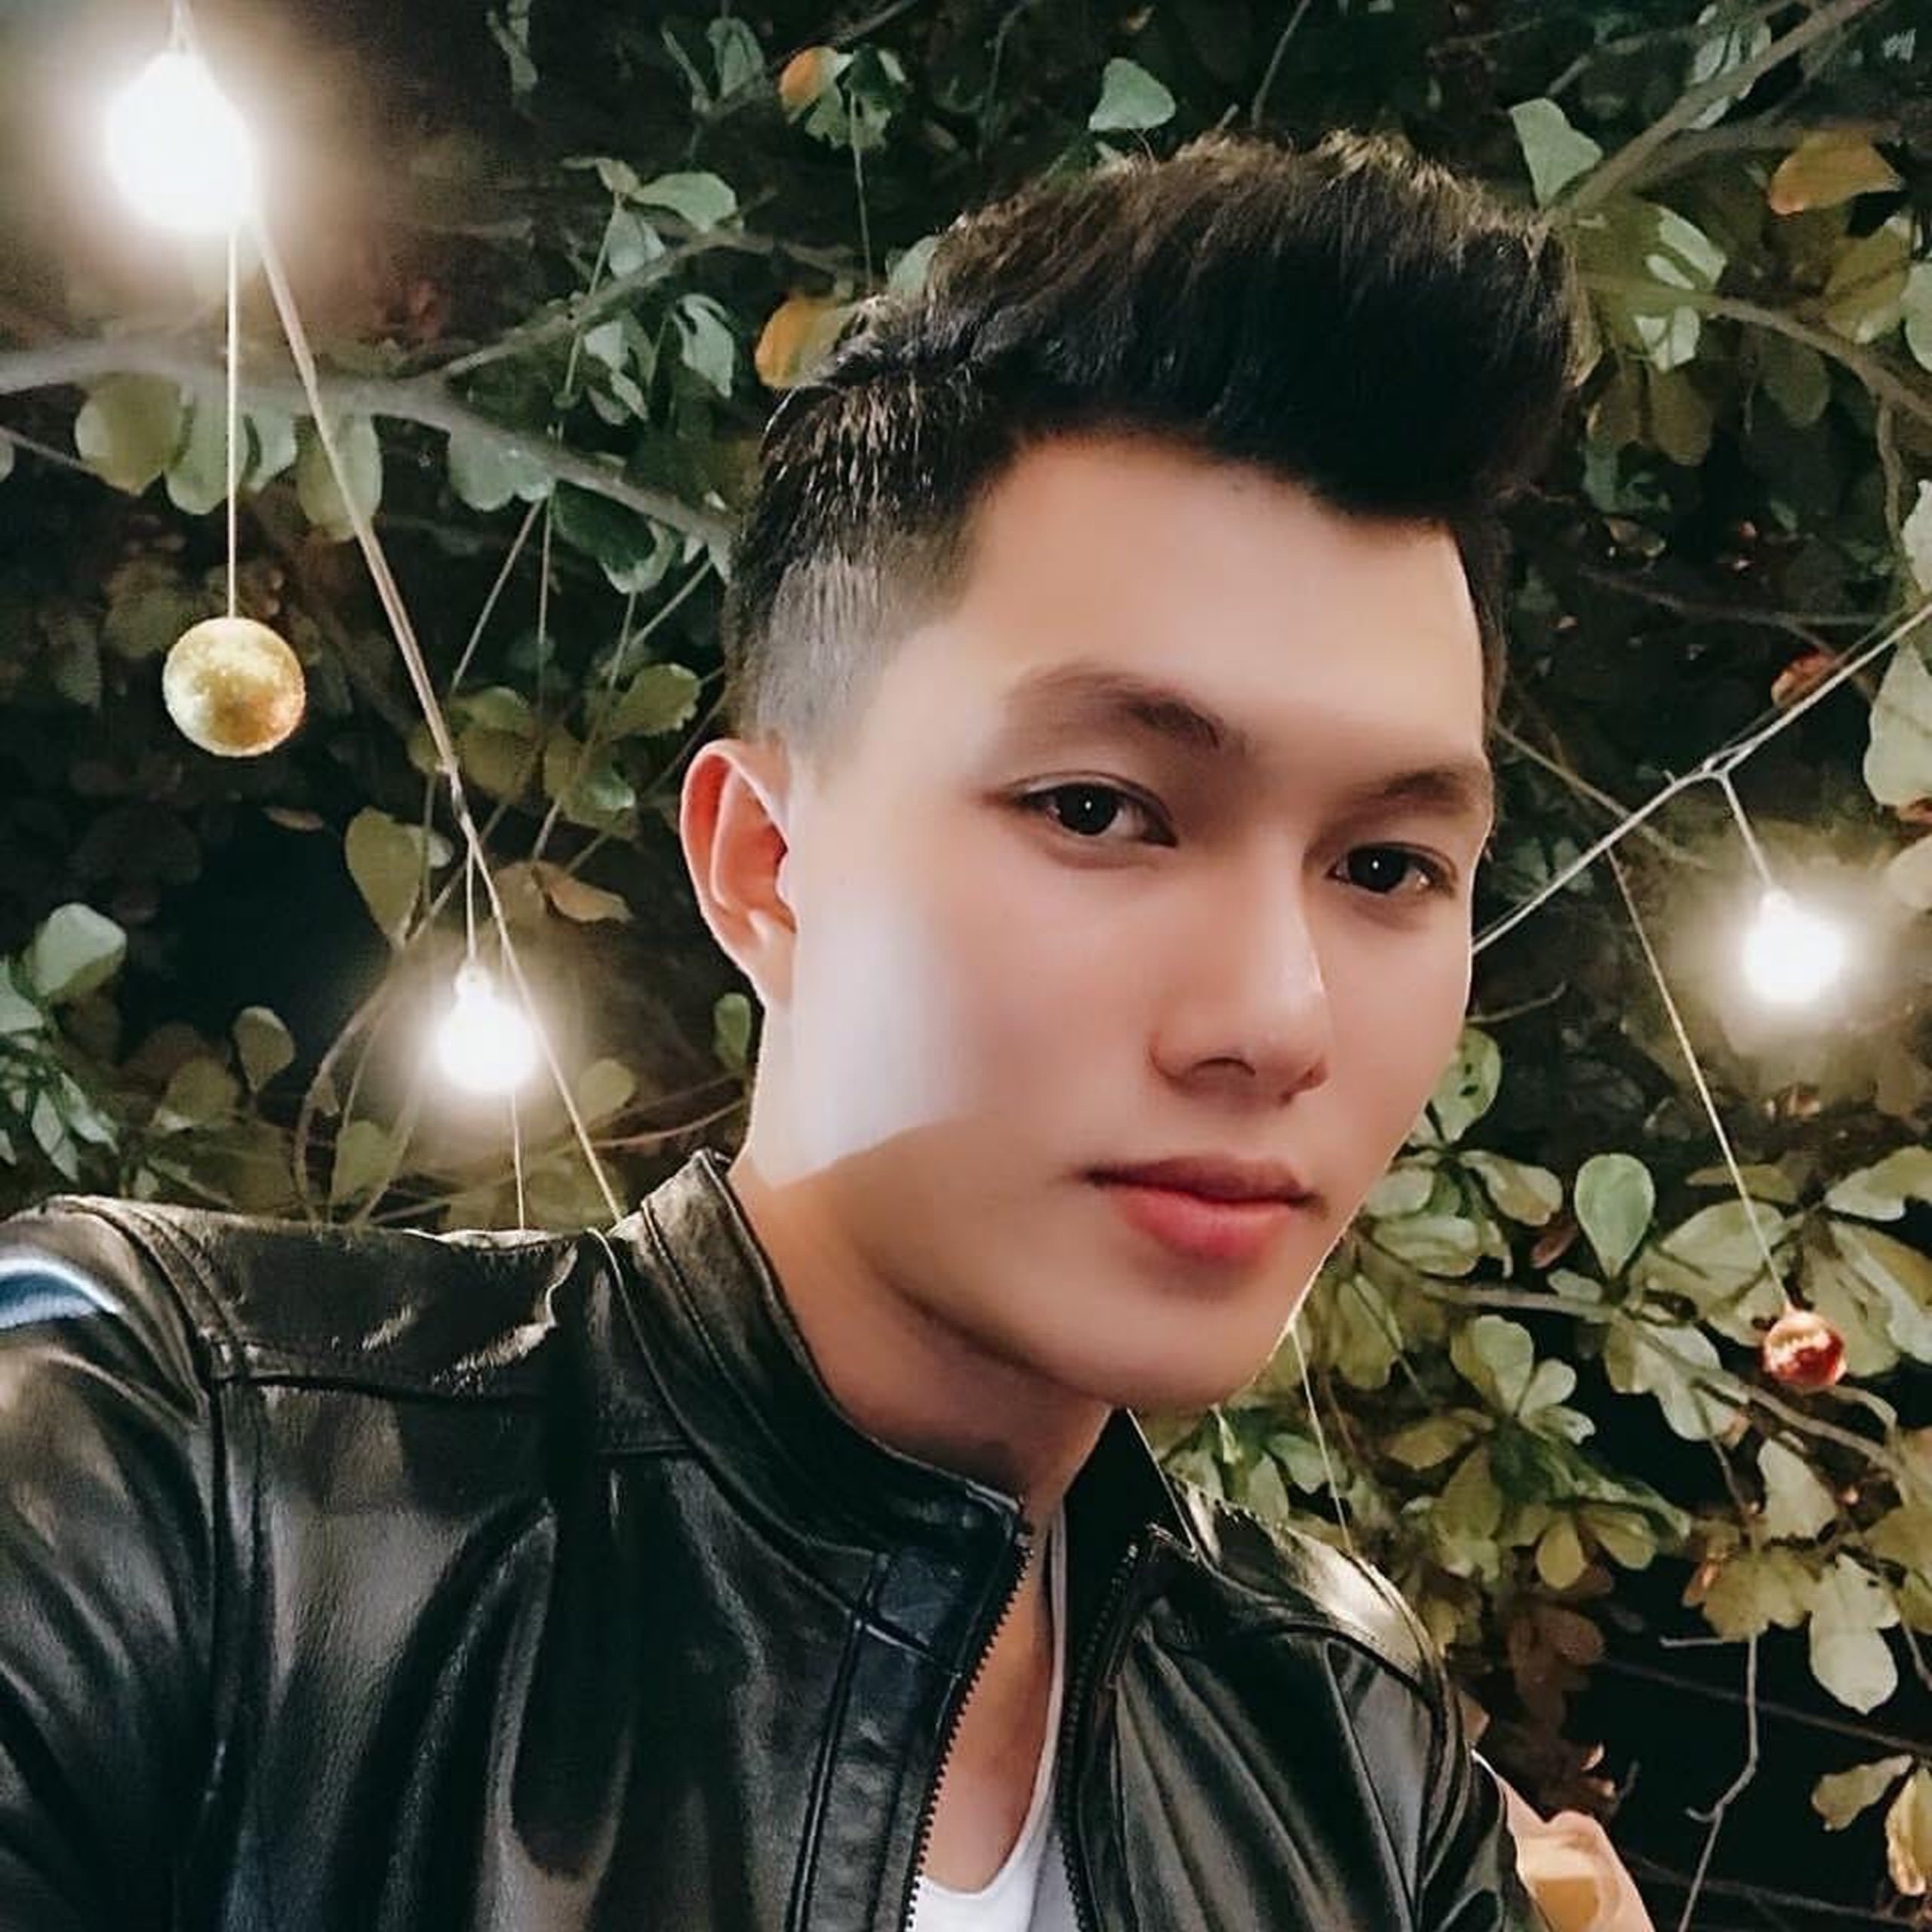 Nguyễn Quốc Thông